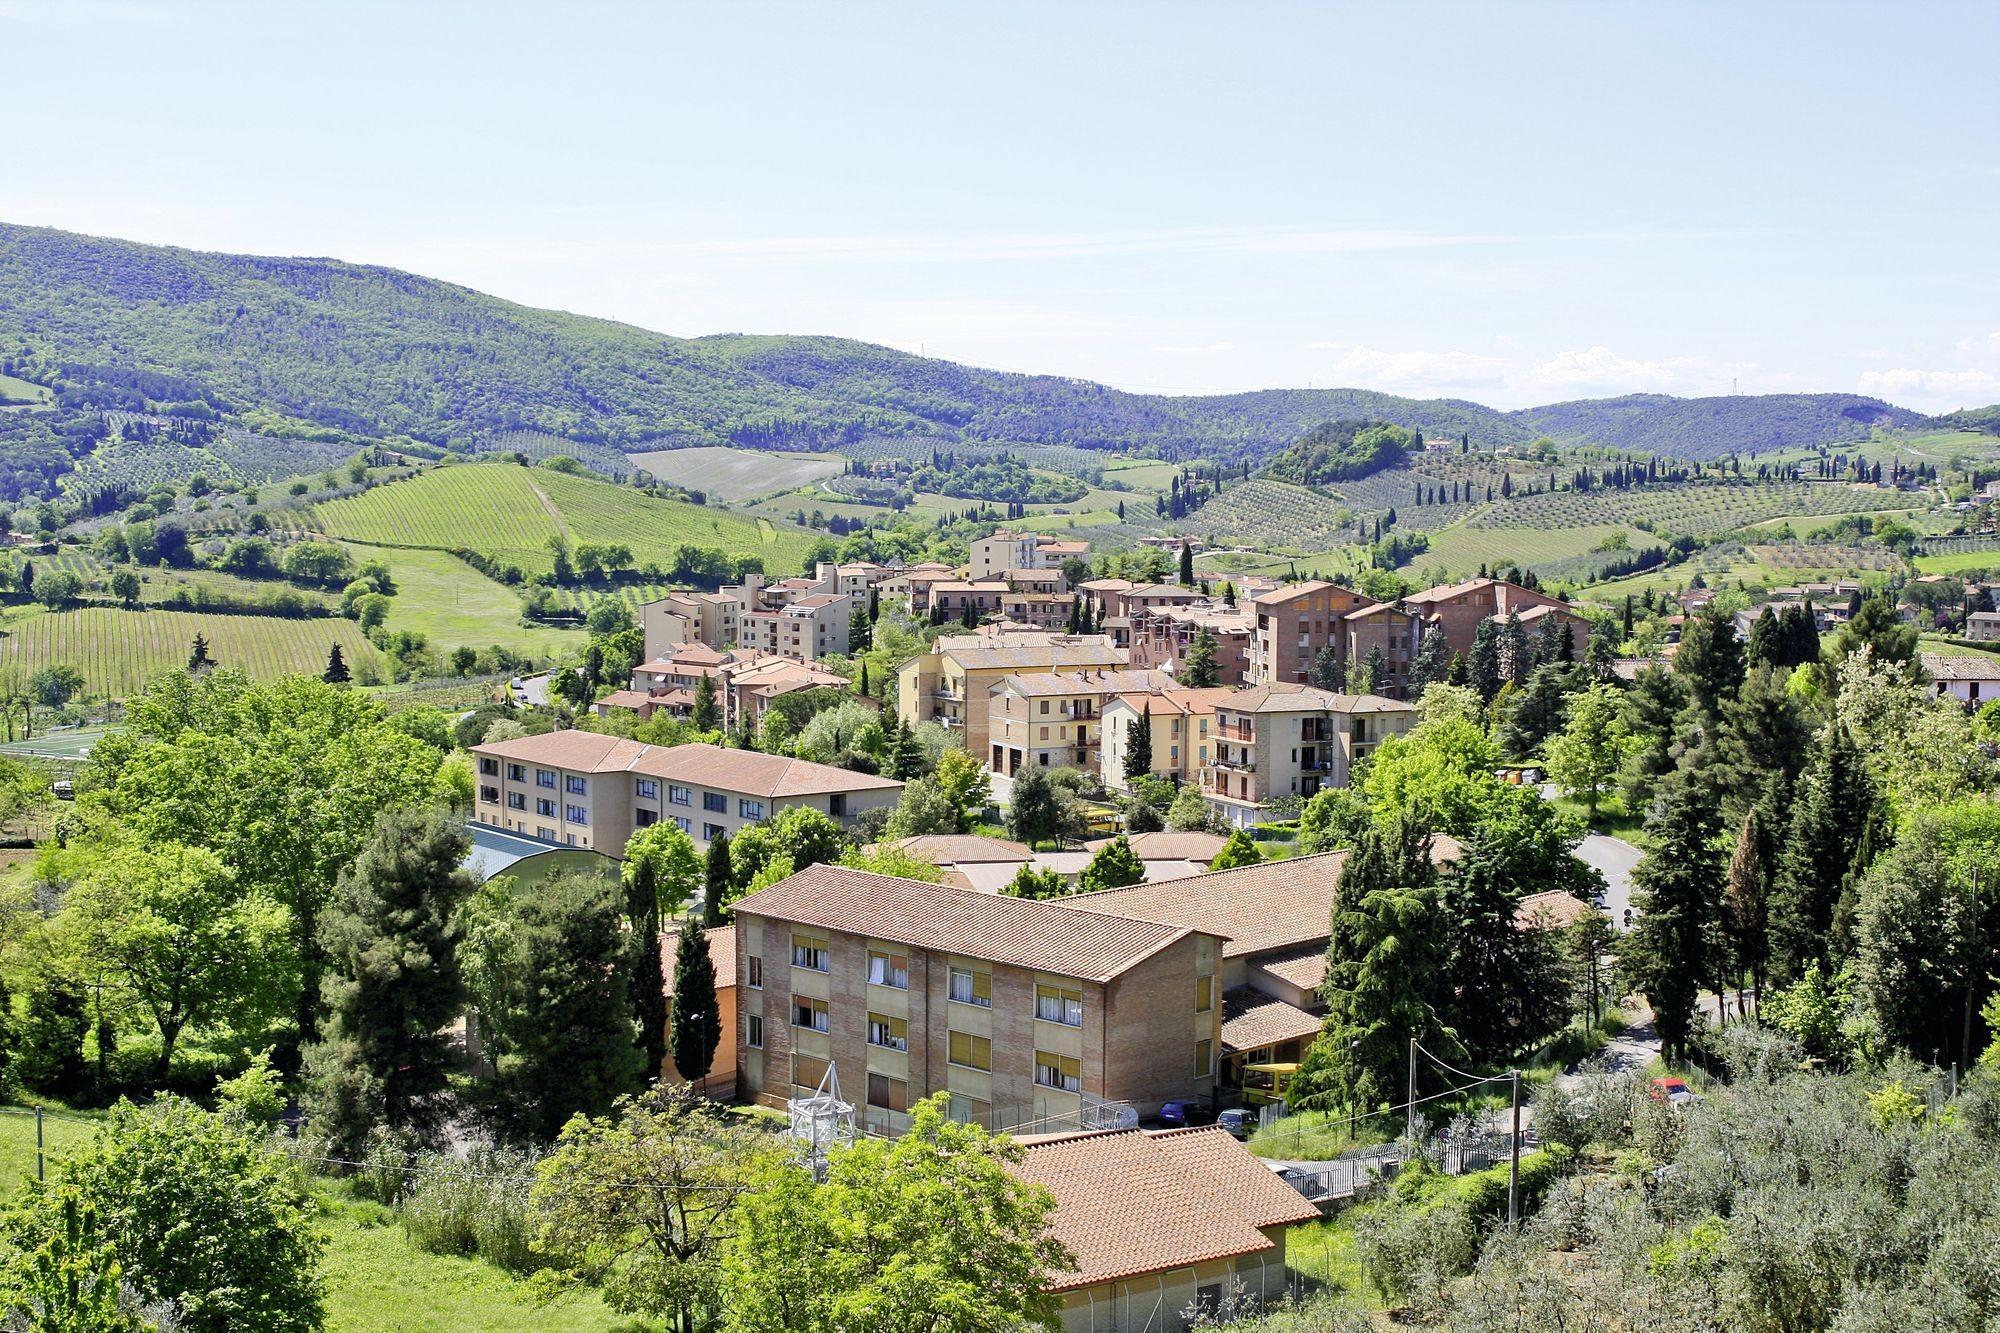 La périurbanisation dans les campagnes toscanes